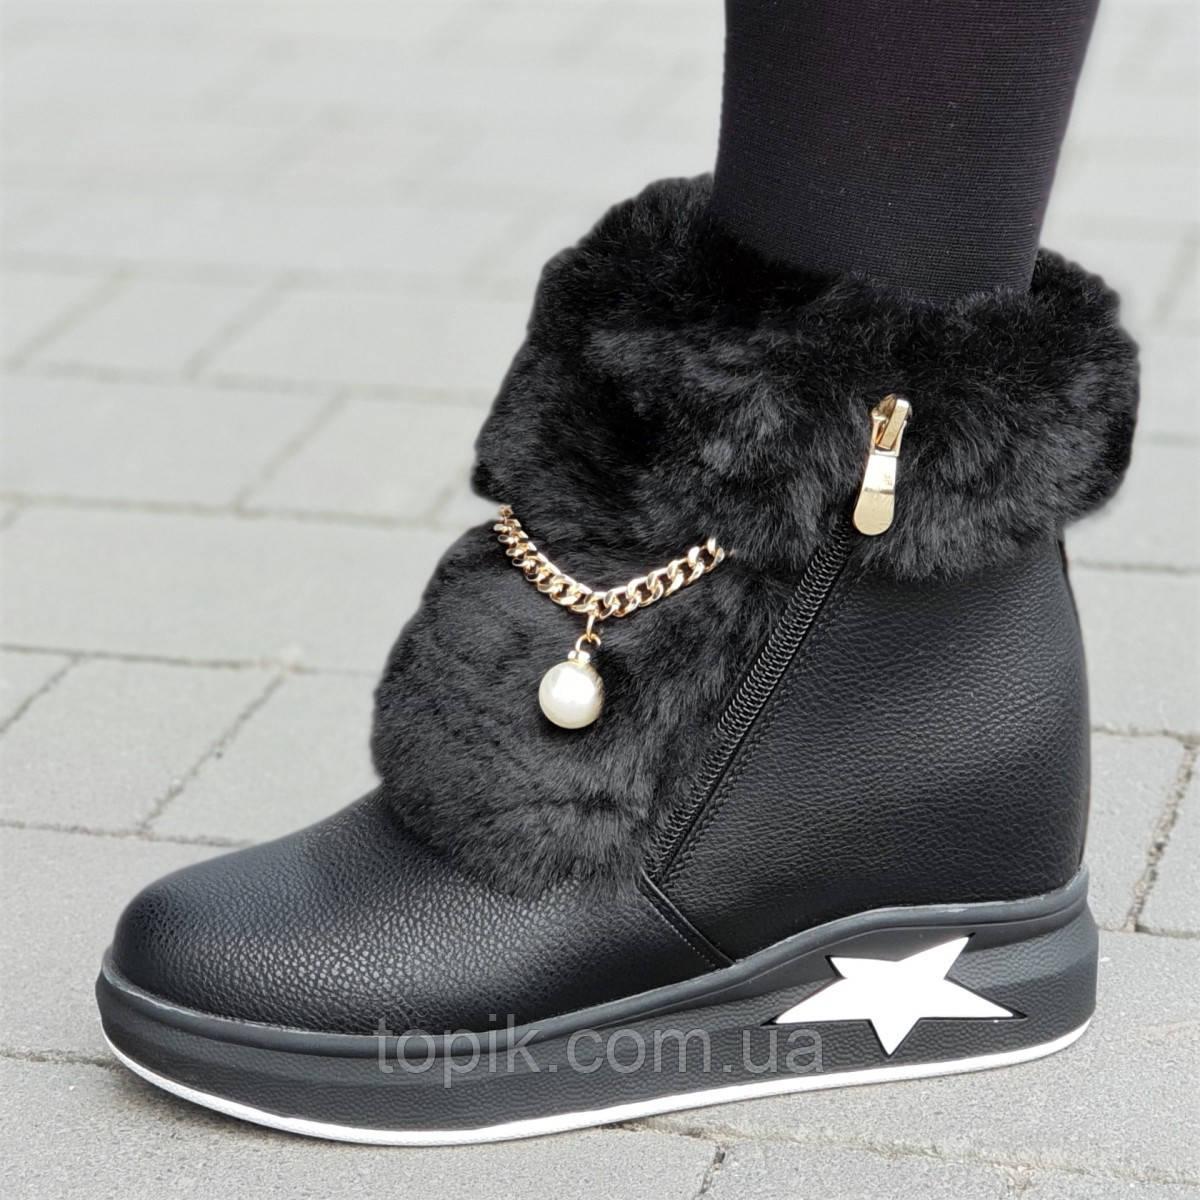 Женские зимние ботинки на танкетке черные удобная колодка стильные на мягкой подошве (Код: 1314)